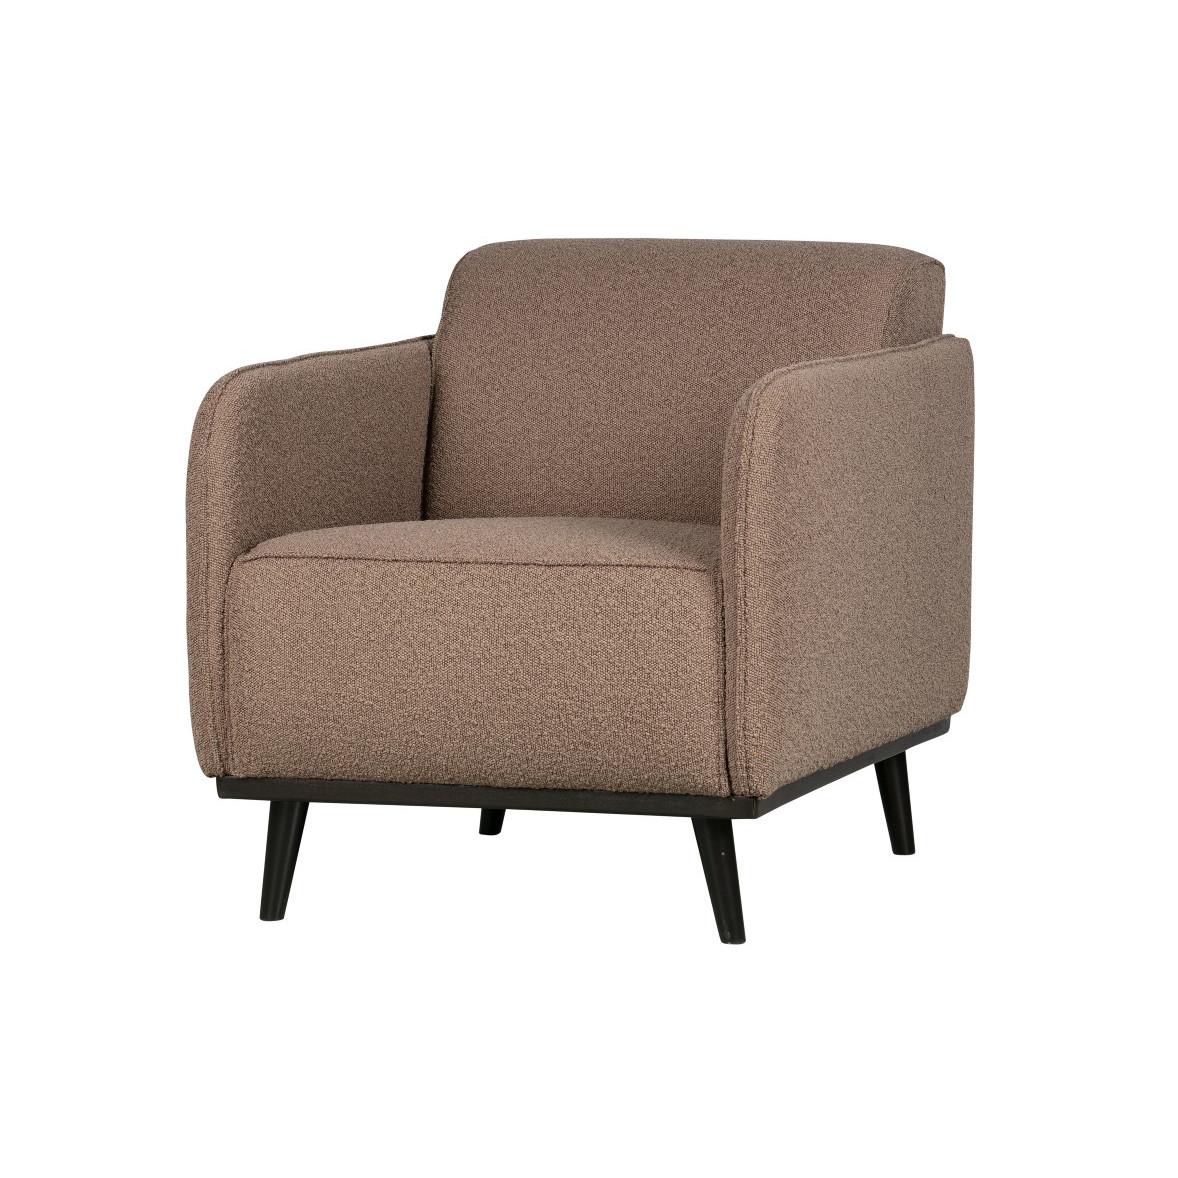 1 Seater Sofa Statement | Nougat Grey